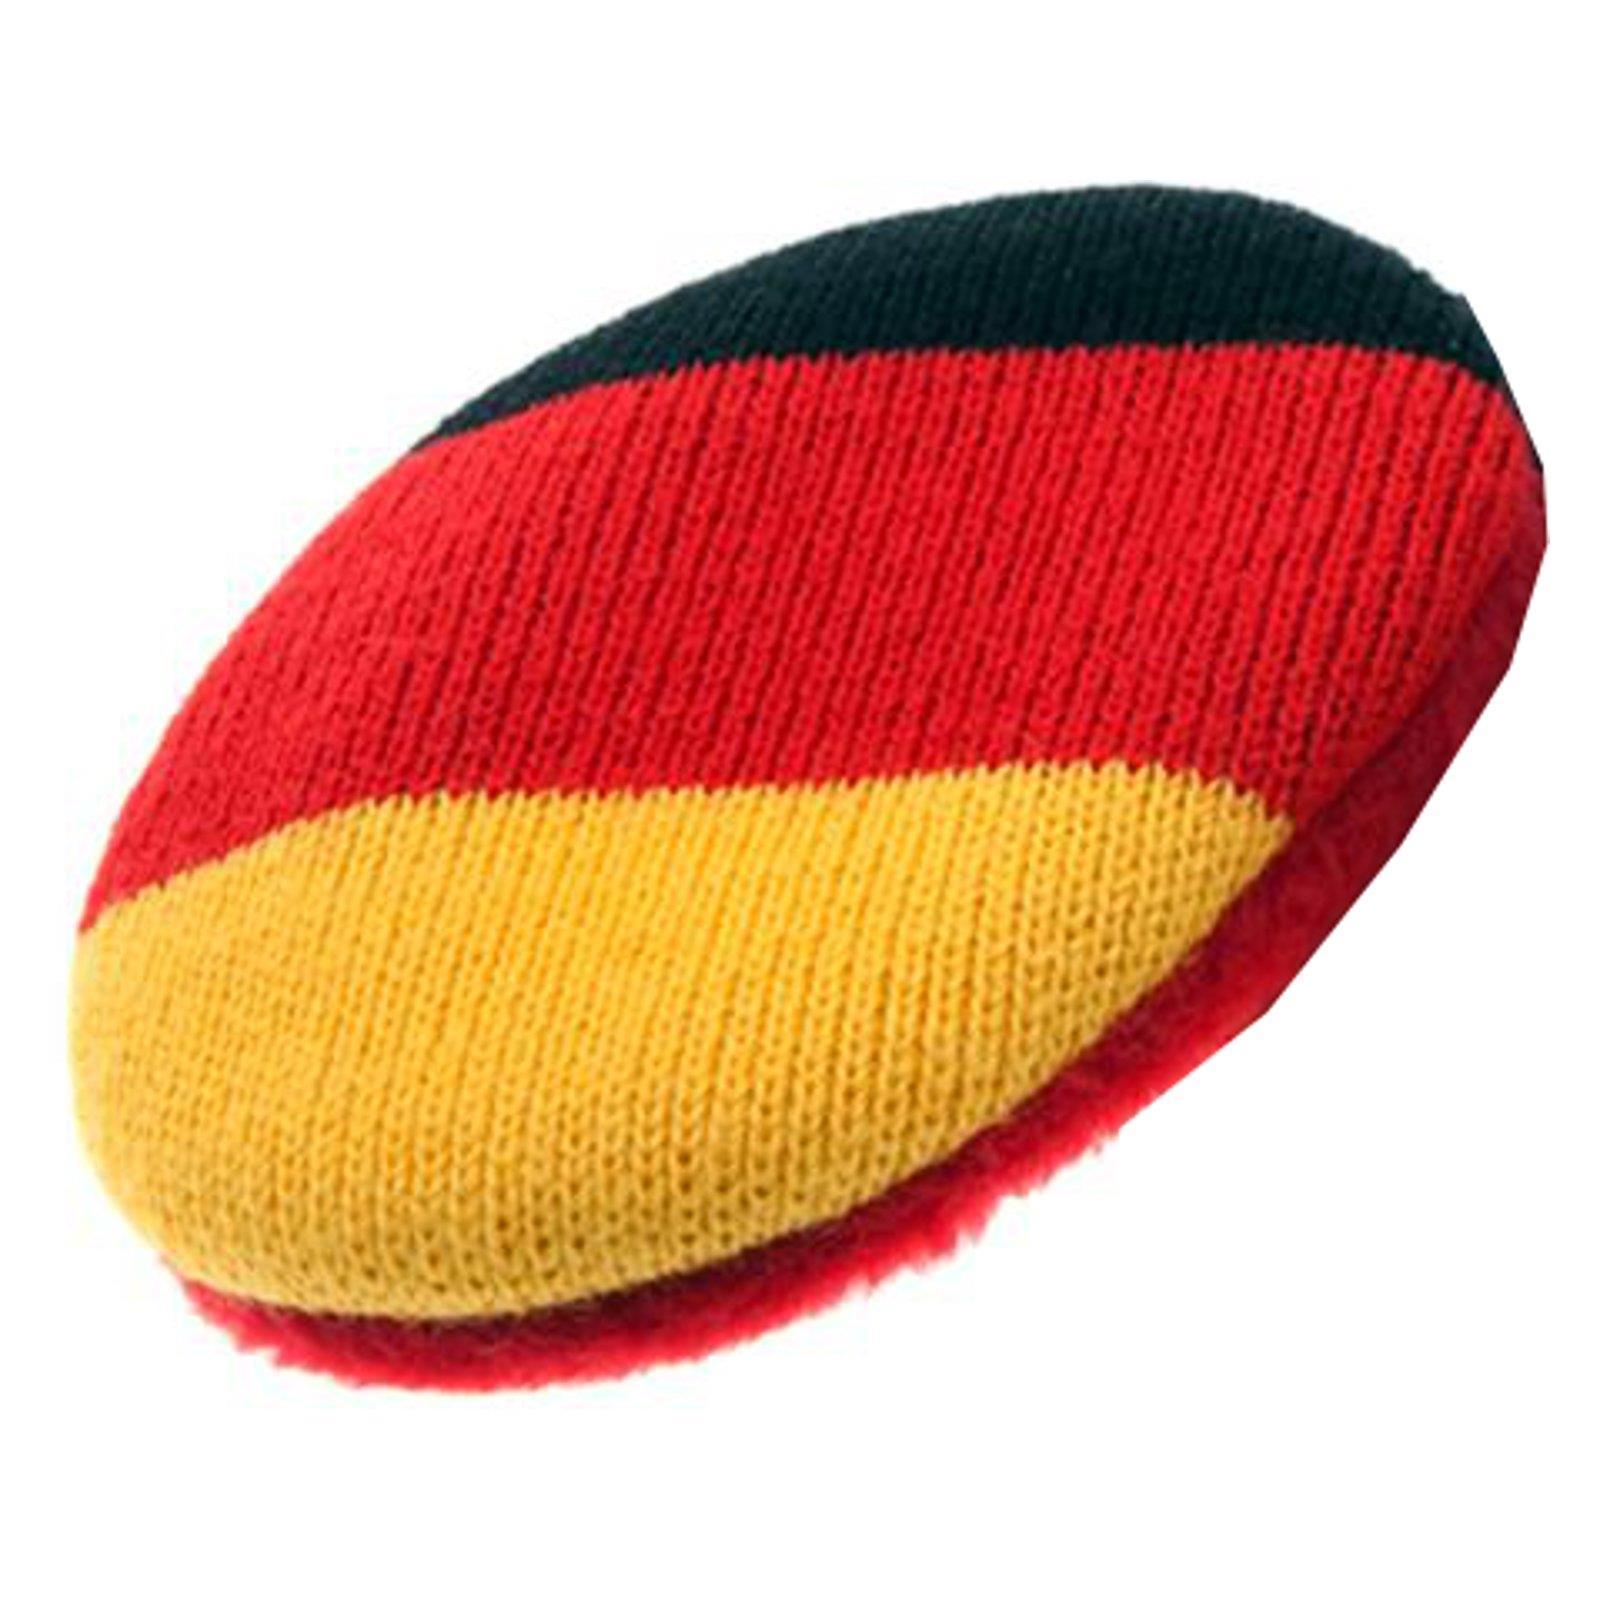 Landesfarben Deutschland